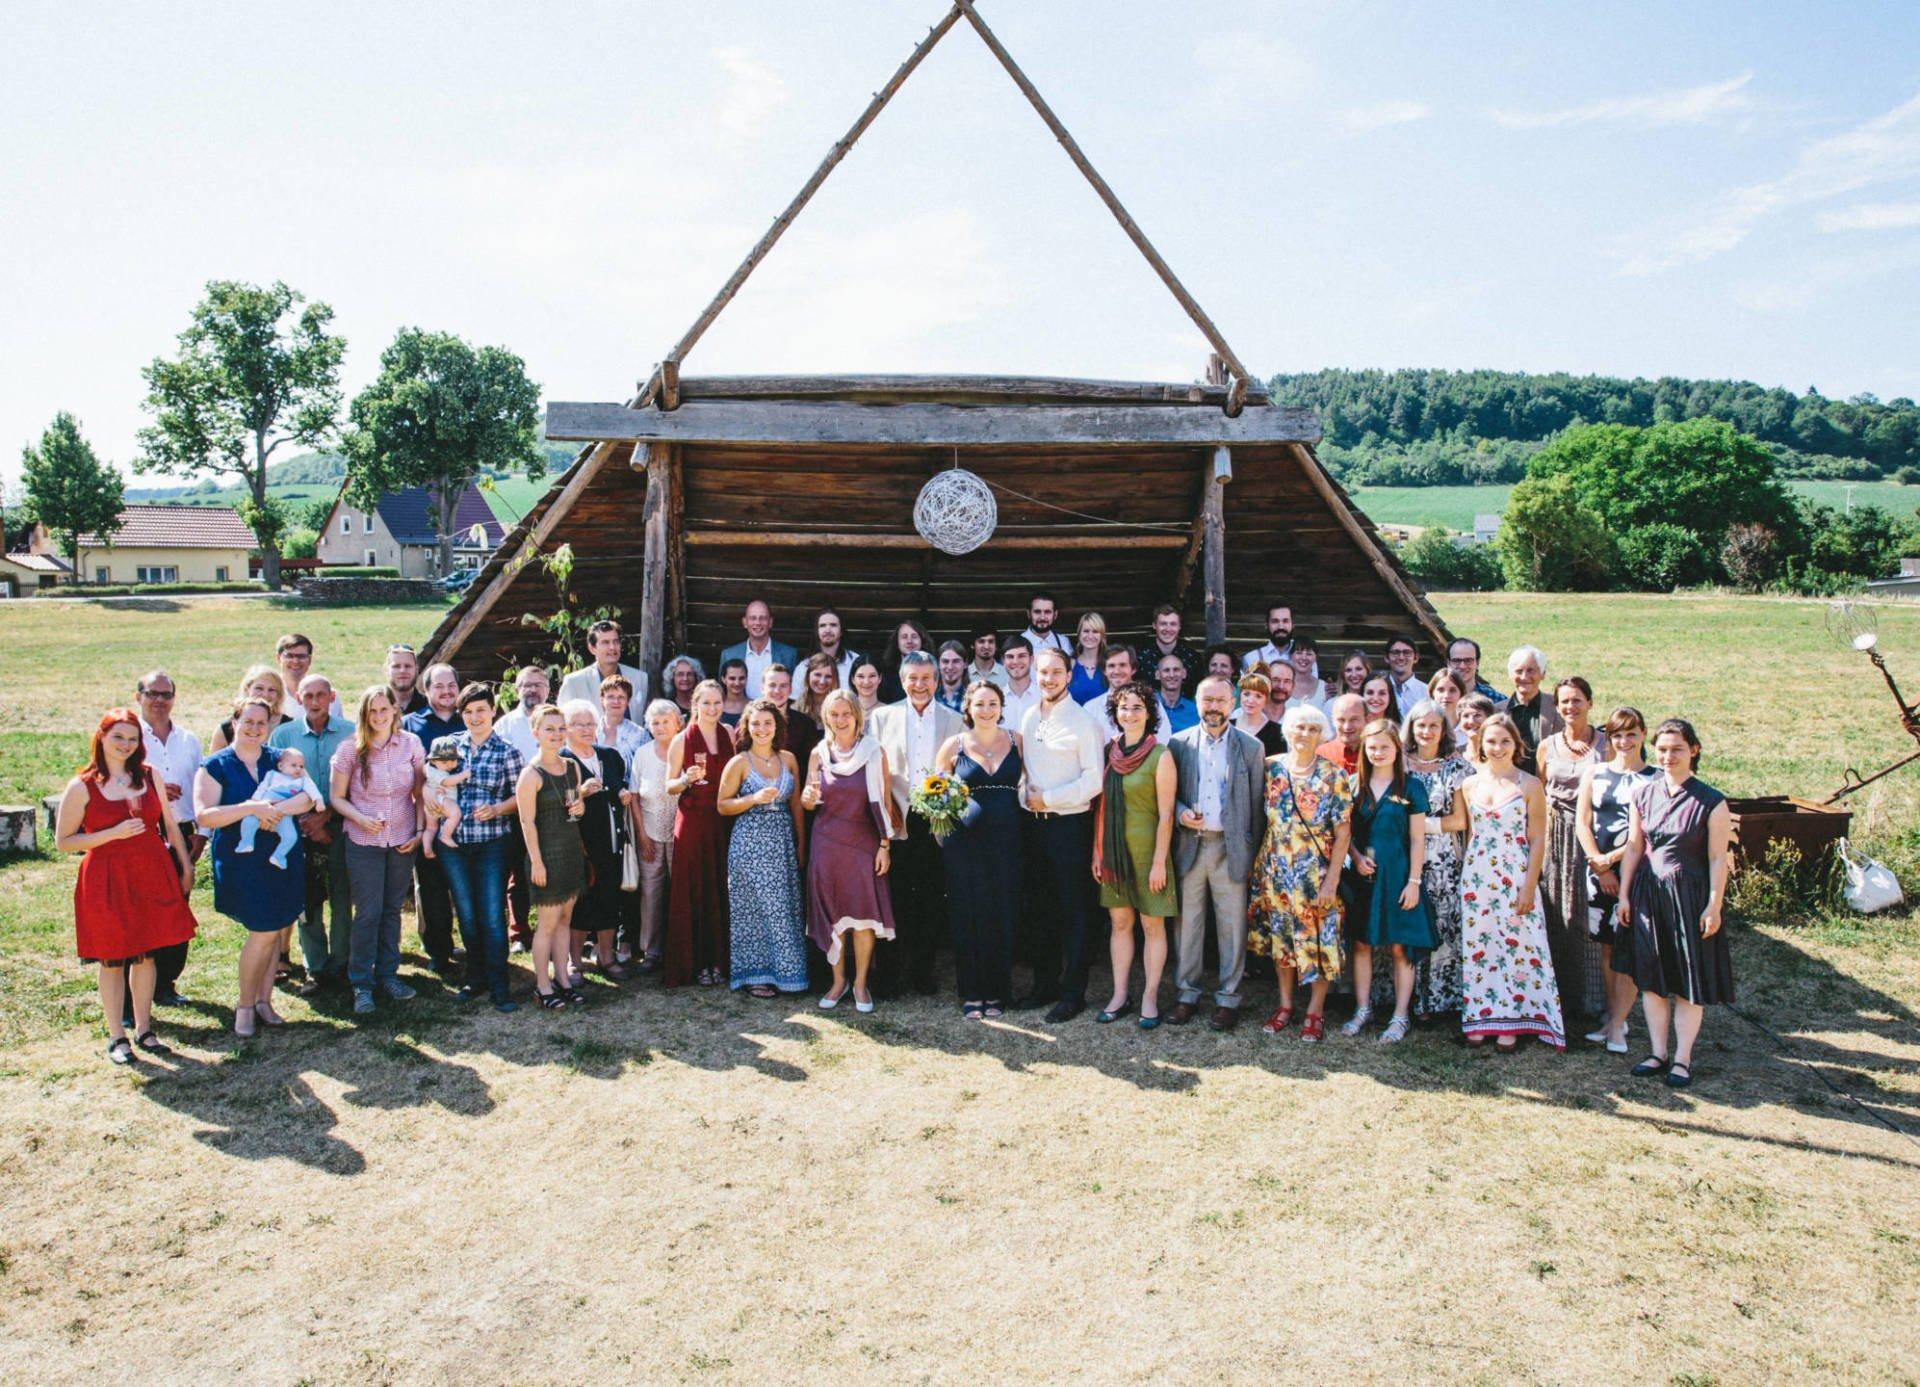 Hochzeitsreportage | Hochzeit in Kreuzgewölbe Schöngleina | 13